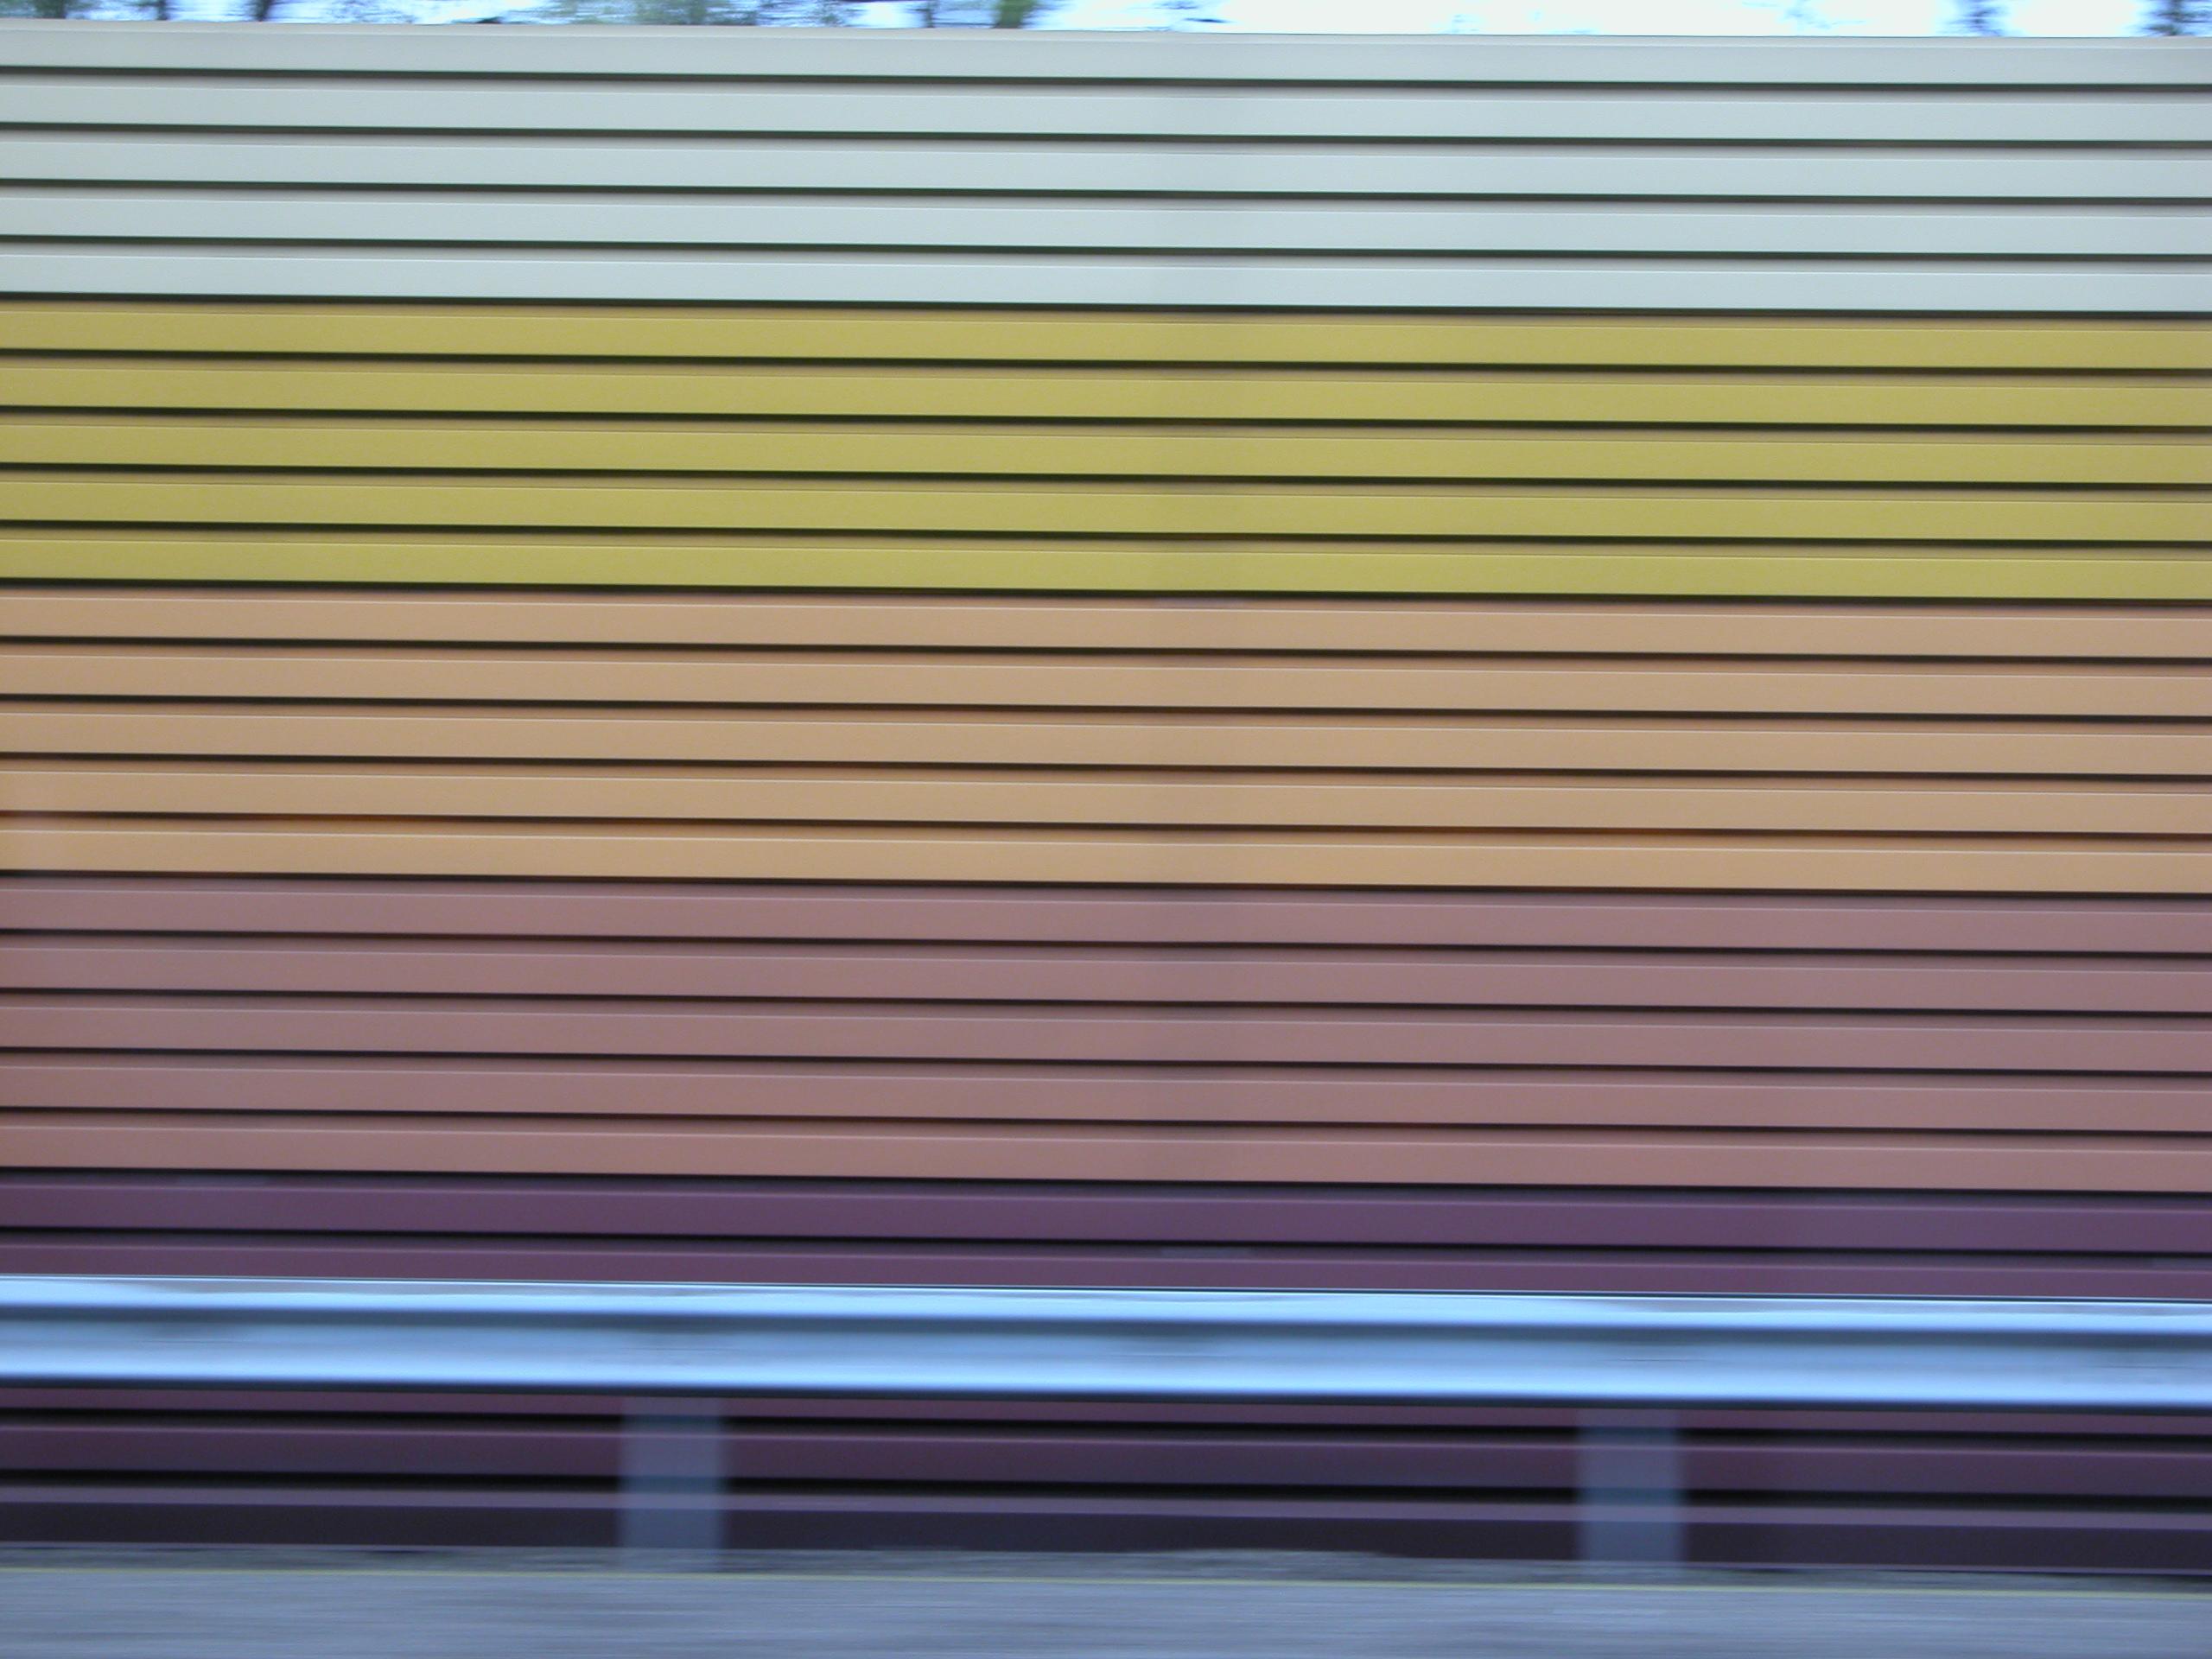 blurs metals highway road speed texture lines